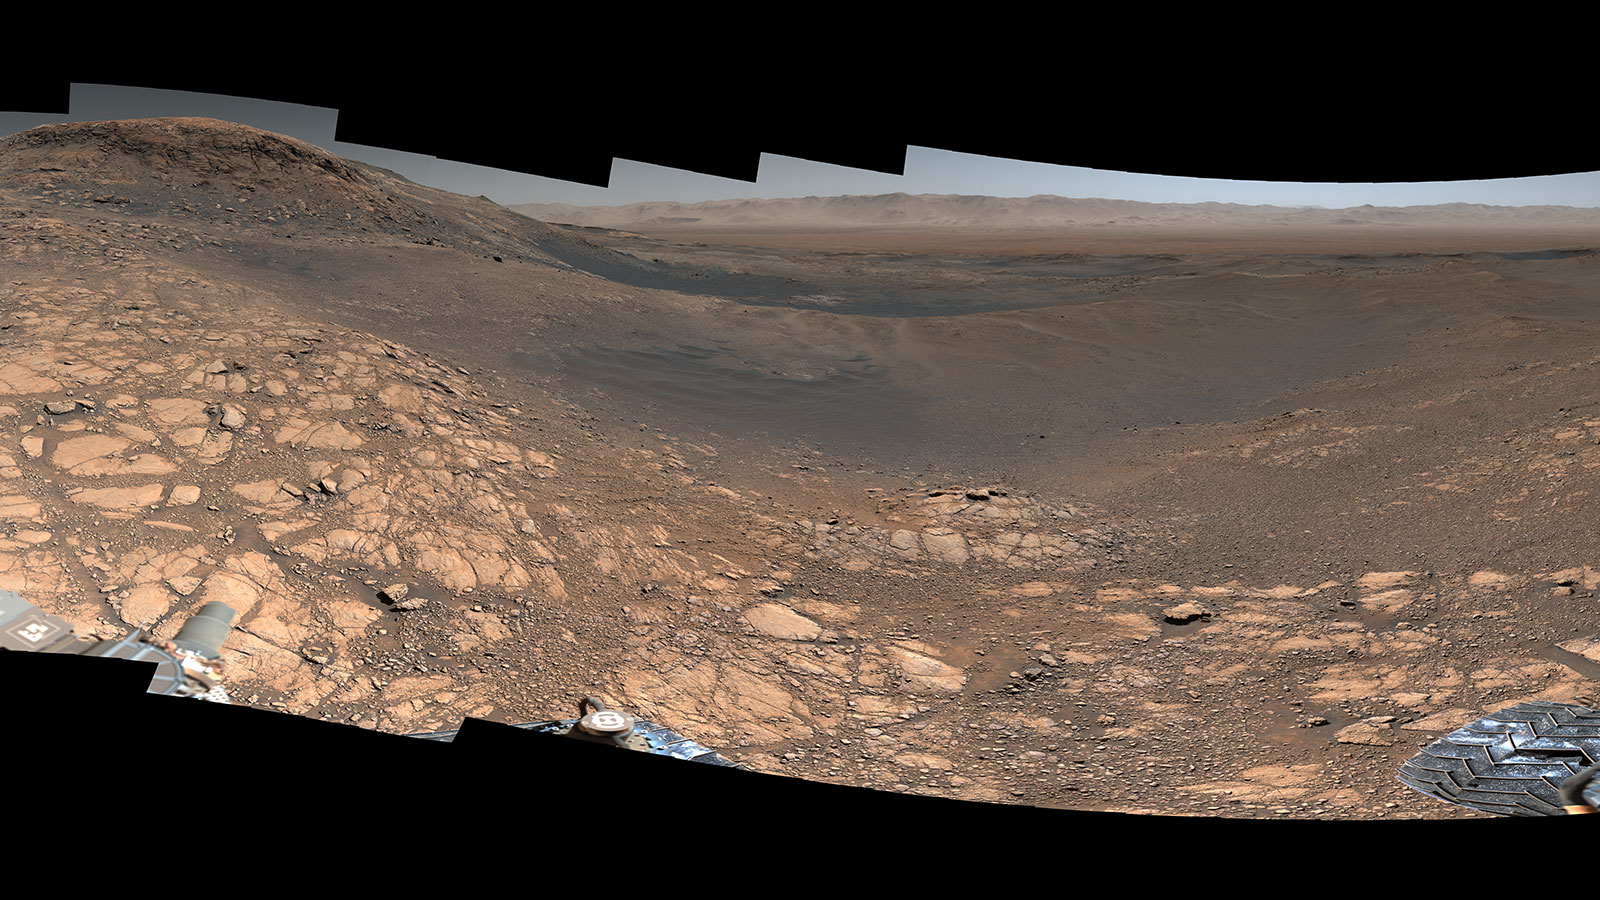 Foto: Curiosity captura imagen de Marte con 1800 millones de píxeles, 4 de marzo de 2020, (NASA)